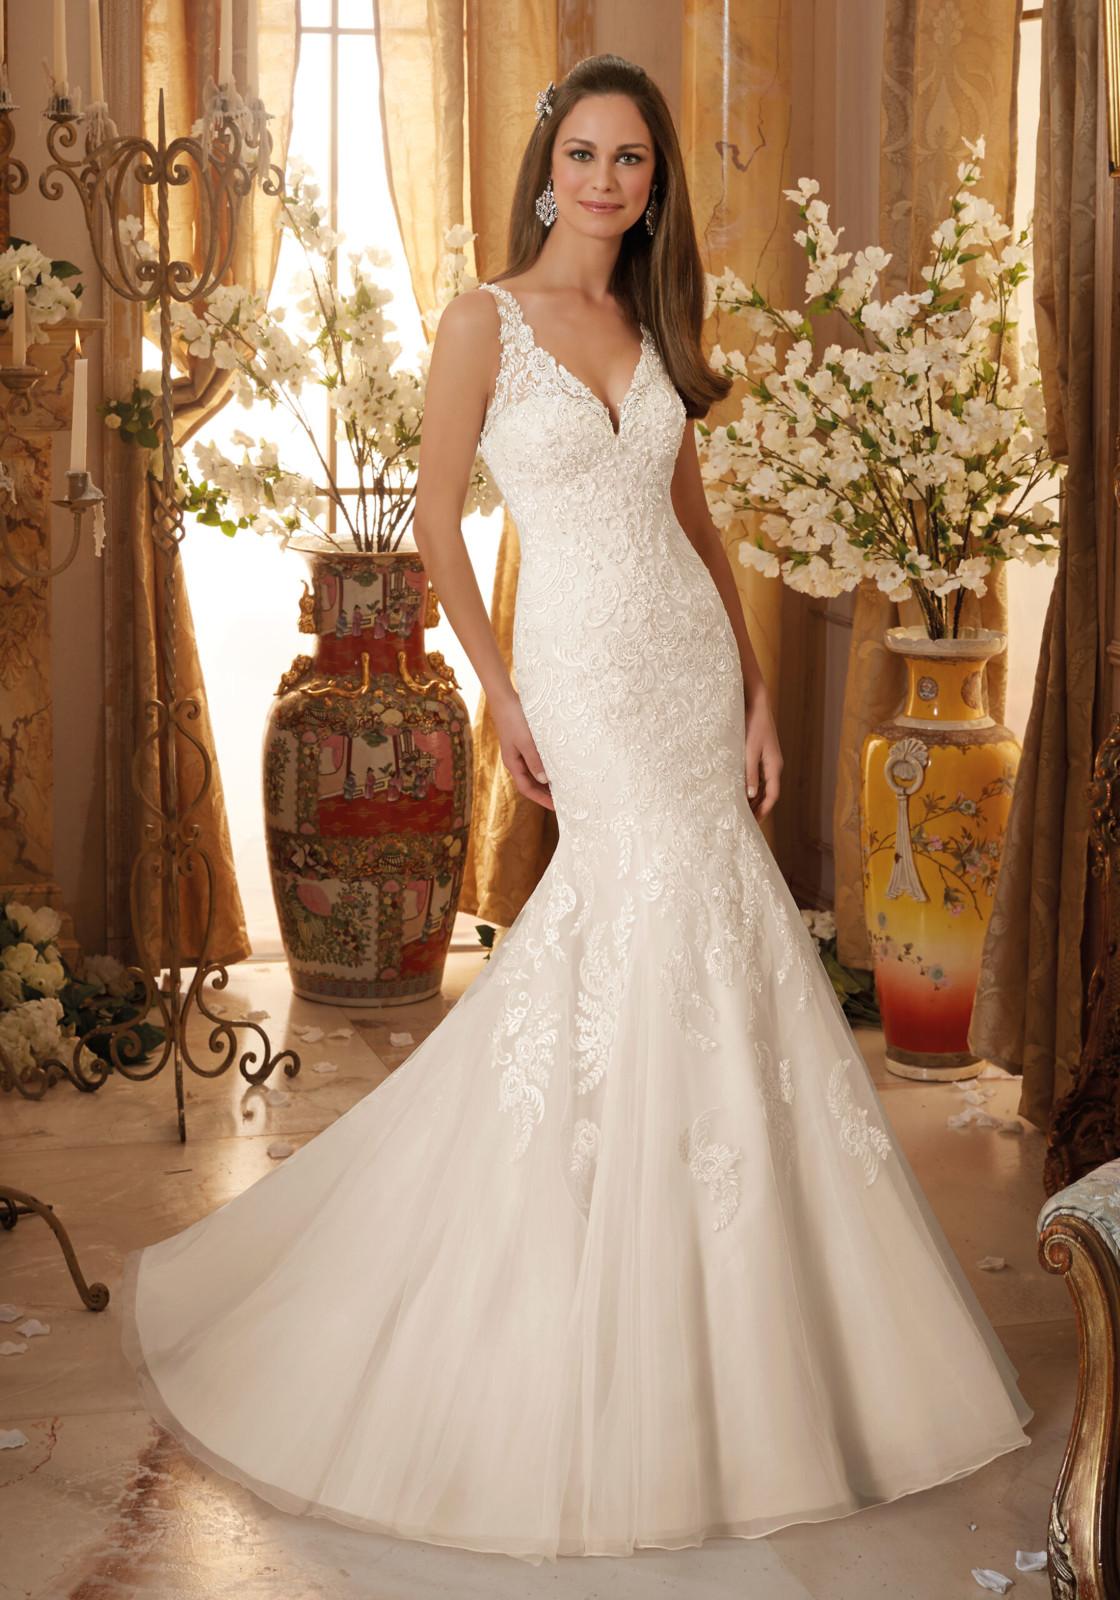 Νυφικό Φόρεμα, Designed by Madeline Gardner.από Δαντέλα, Style 5474